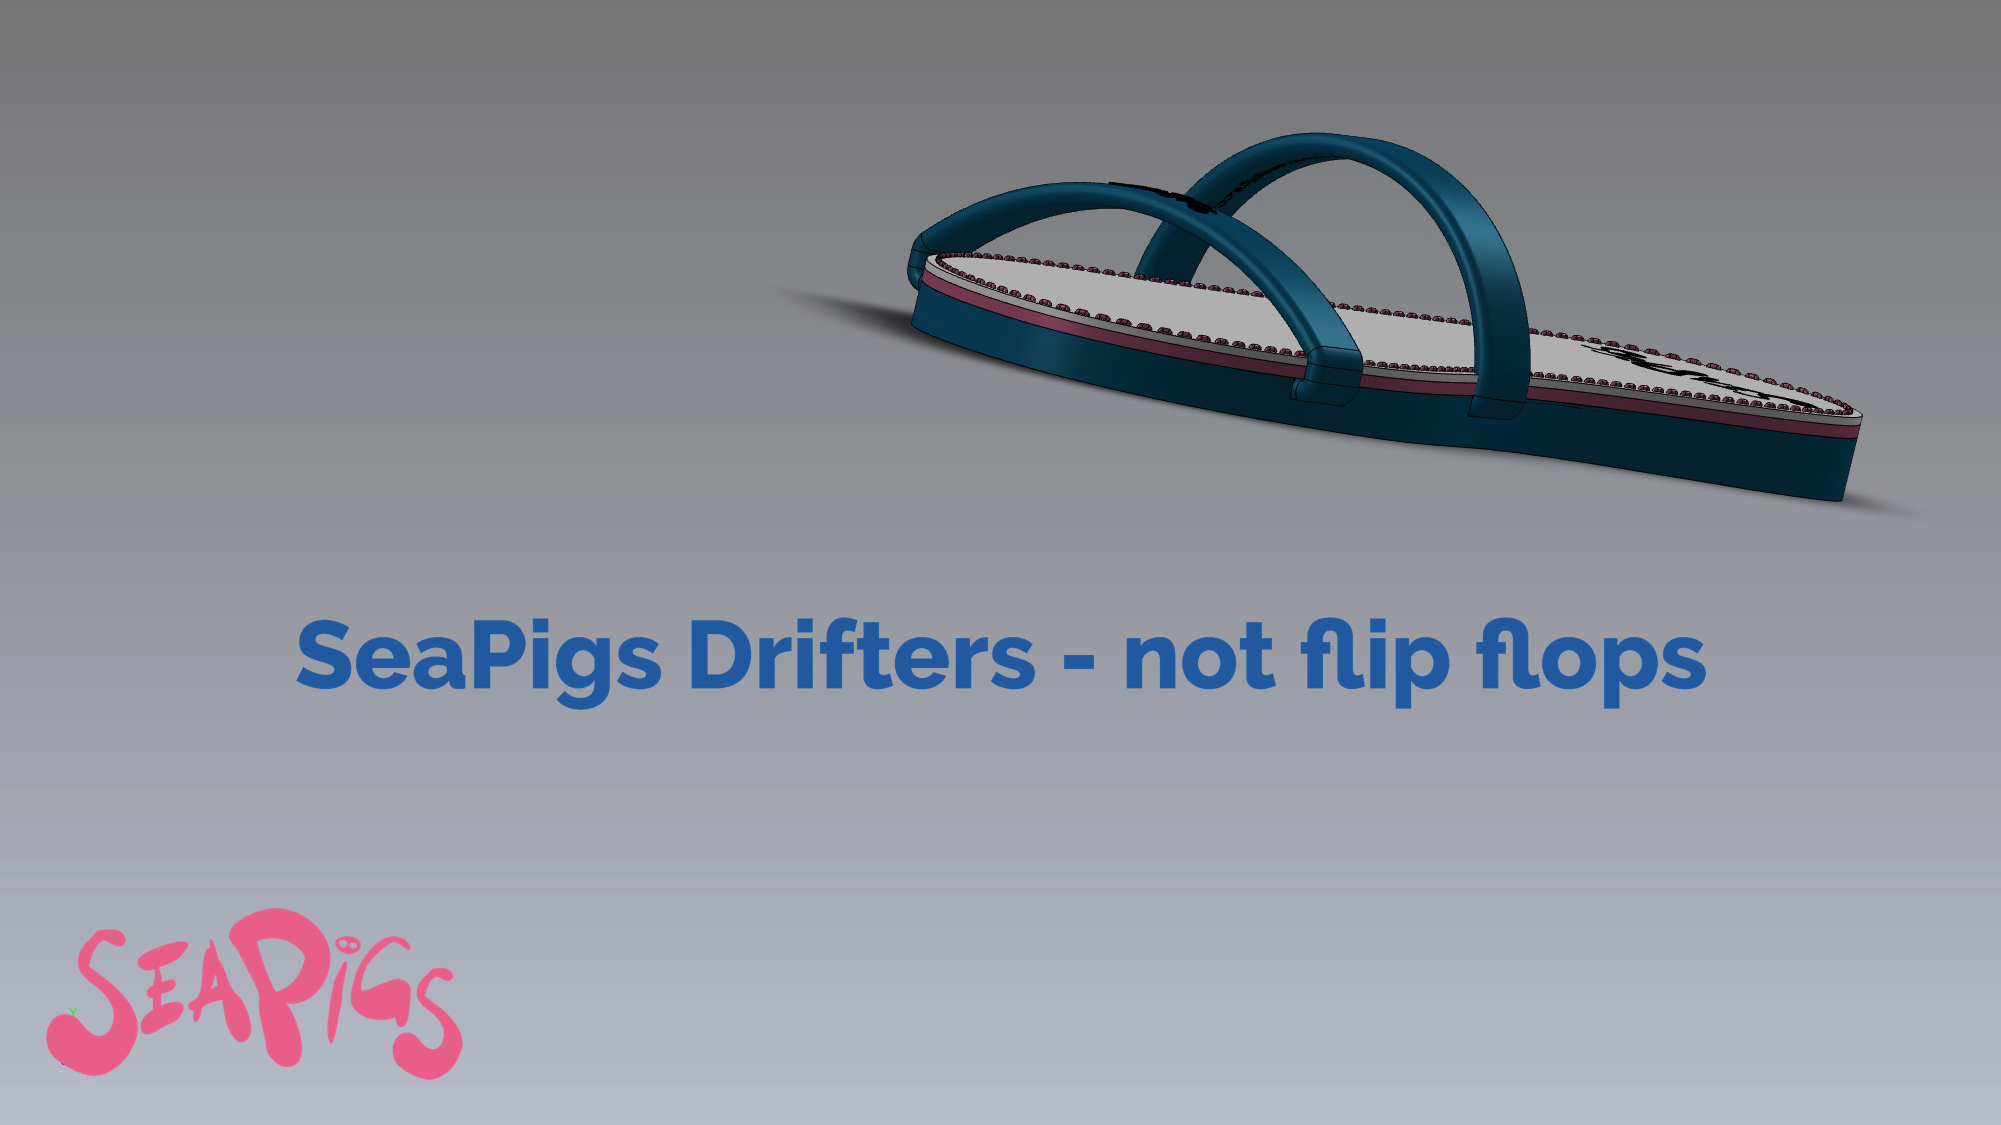 SeaPigs Drifters - not flip flops